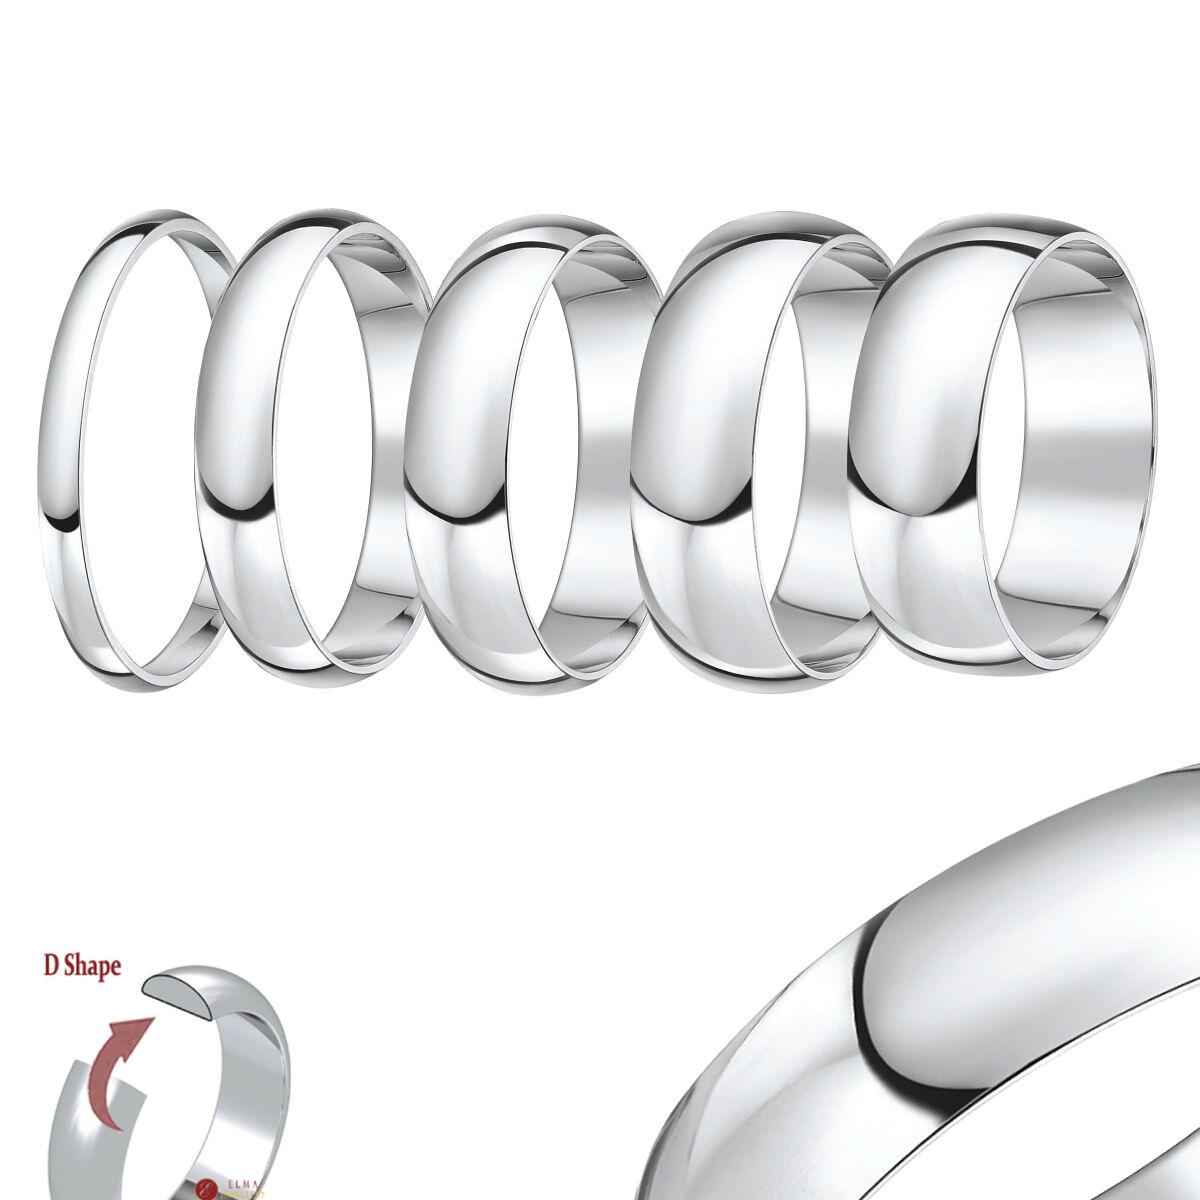 Platin Ehering Extra Schweres Gewicht D Profil Gekennzeichnet 950 Platin Ringe